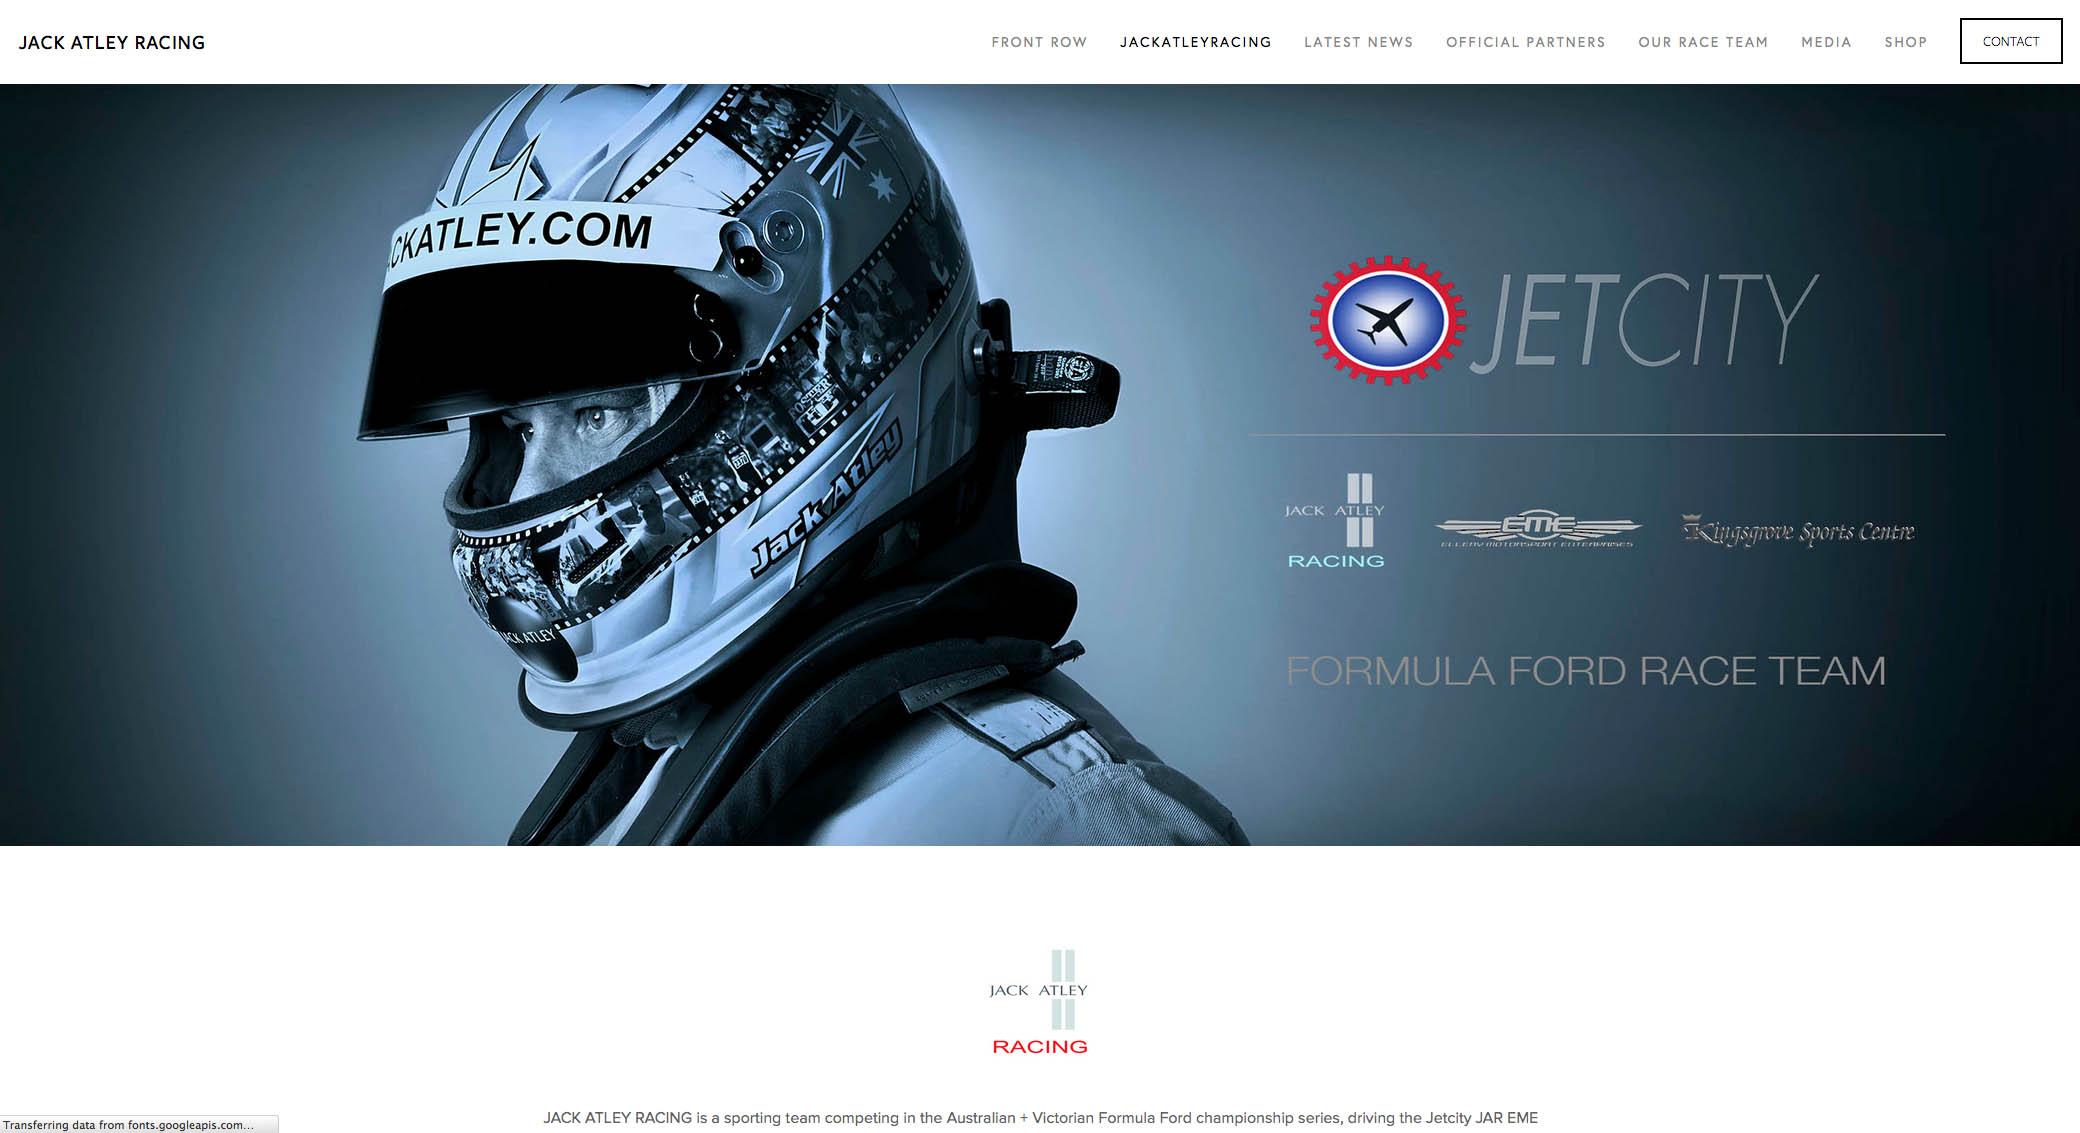 website of JACK ATLEY RACING by PLM